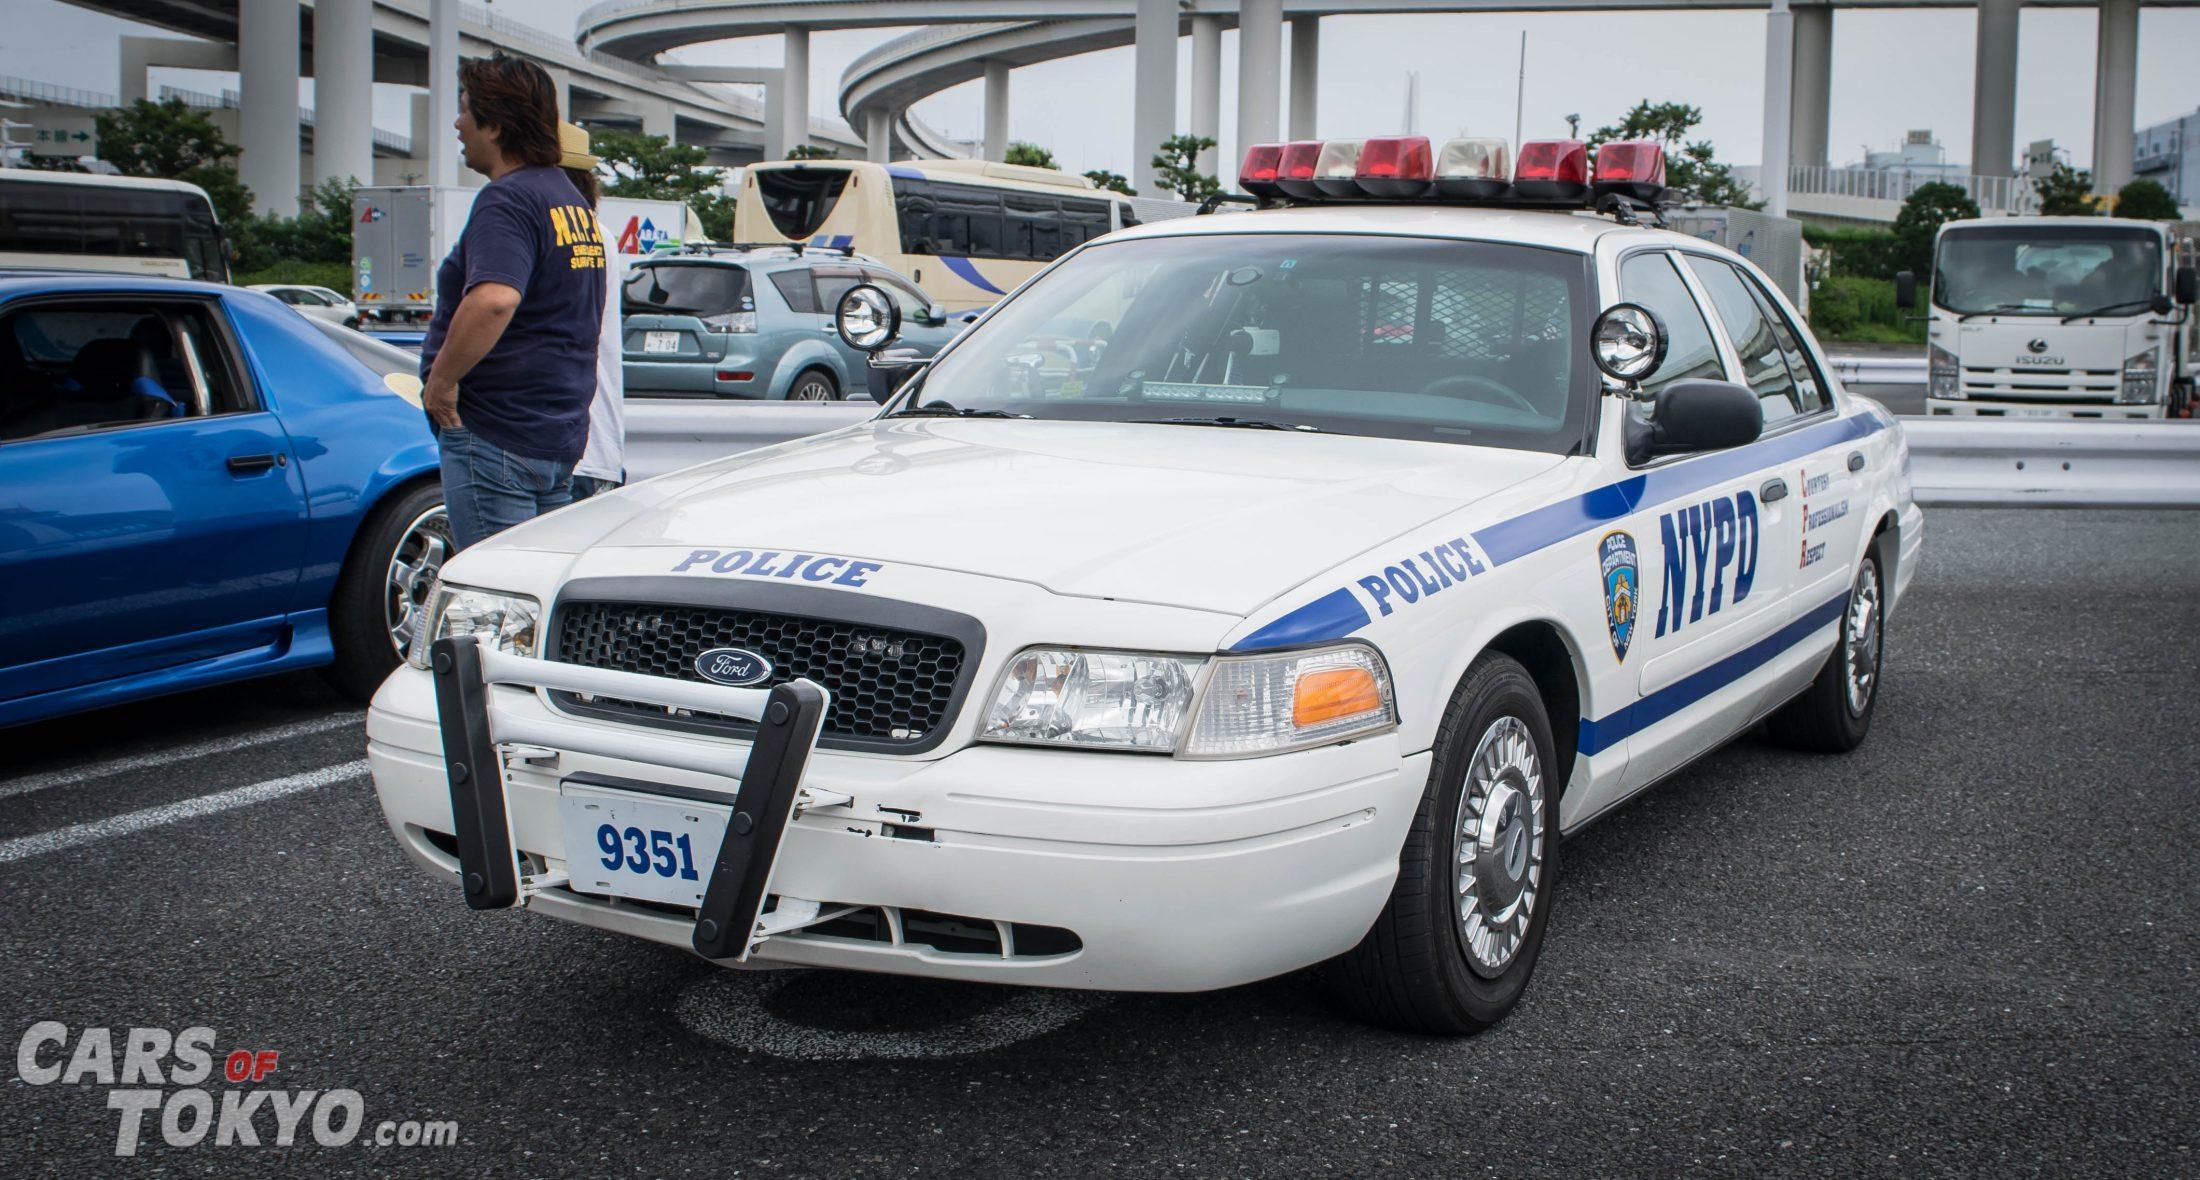 cars-of-tokyo-daikoku-nyc-police-car